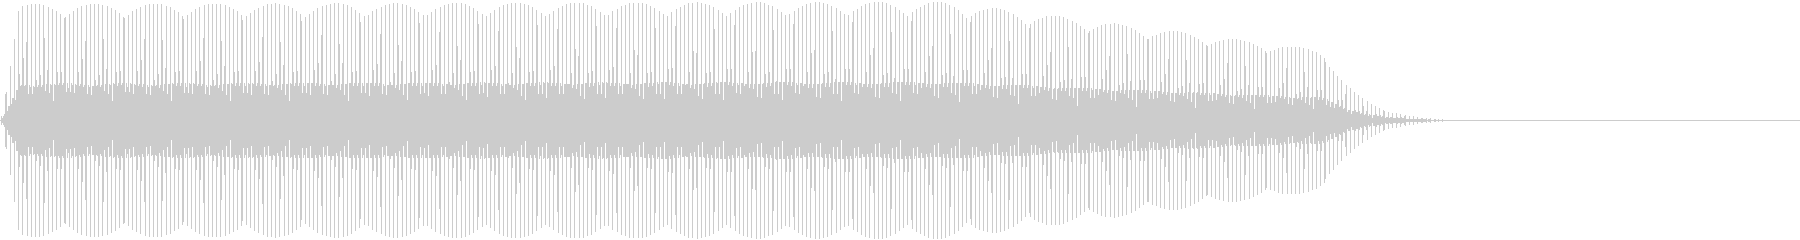 DENSHION ハイトーンな電子音 1の未再生の波形